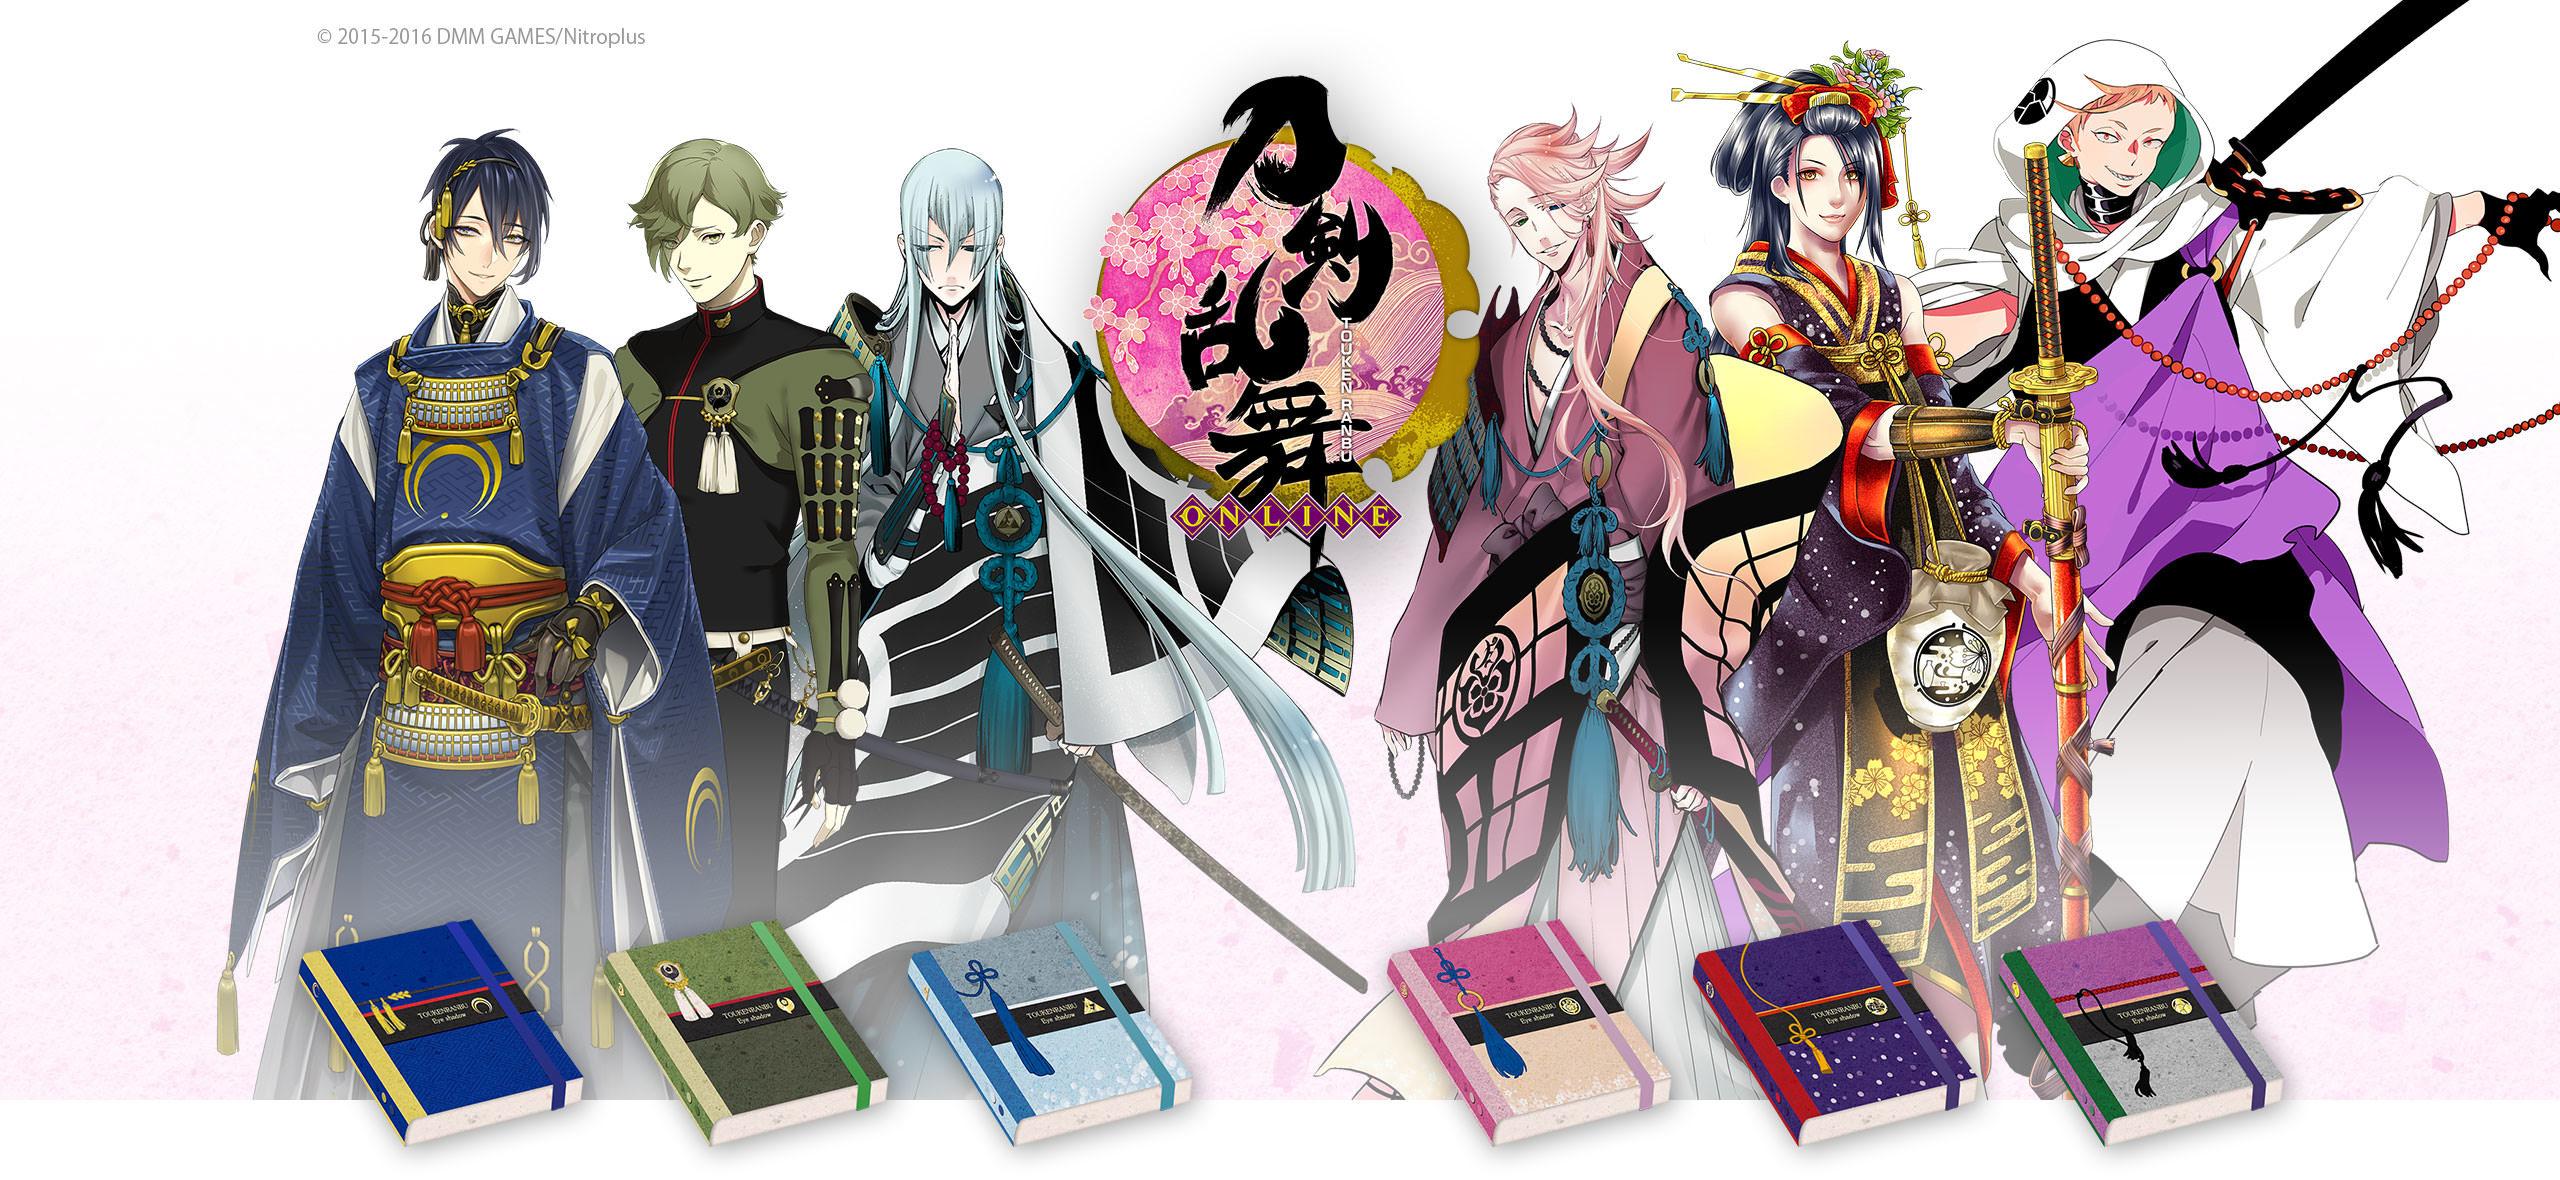 「秘色-HiSOKU-」刀剣乱舞-ONLINE-アイシャドウ全6種 (C)2015-2016 DMM GAMES/Nitroplus